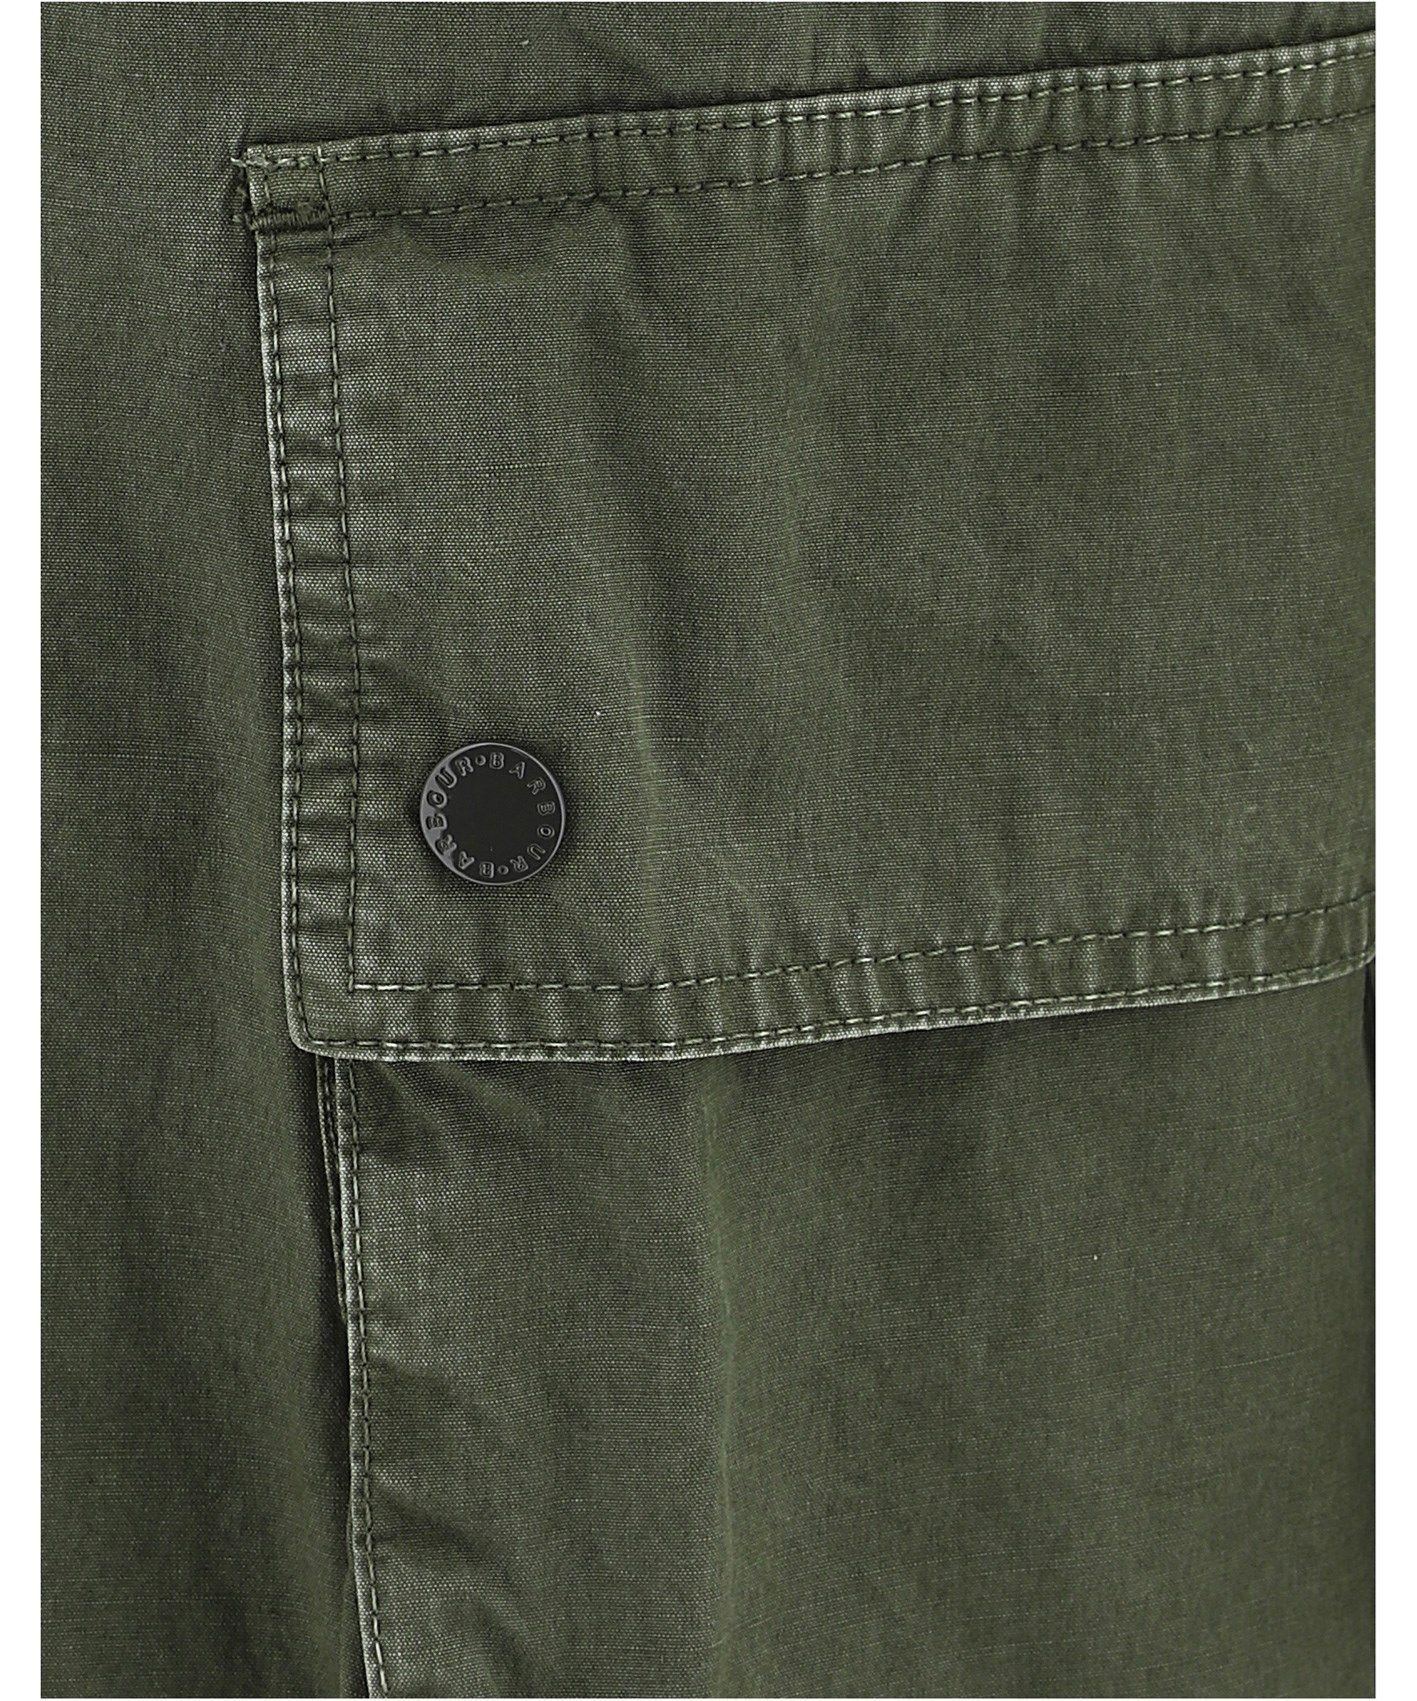 BARBOUR MEN'S BACPS21570L52 GREEN COTTON COAT